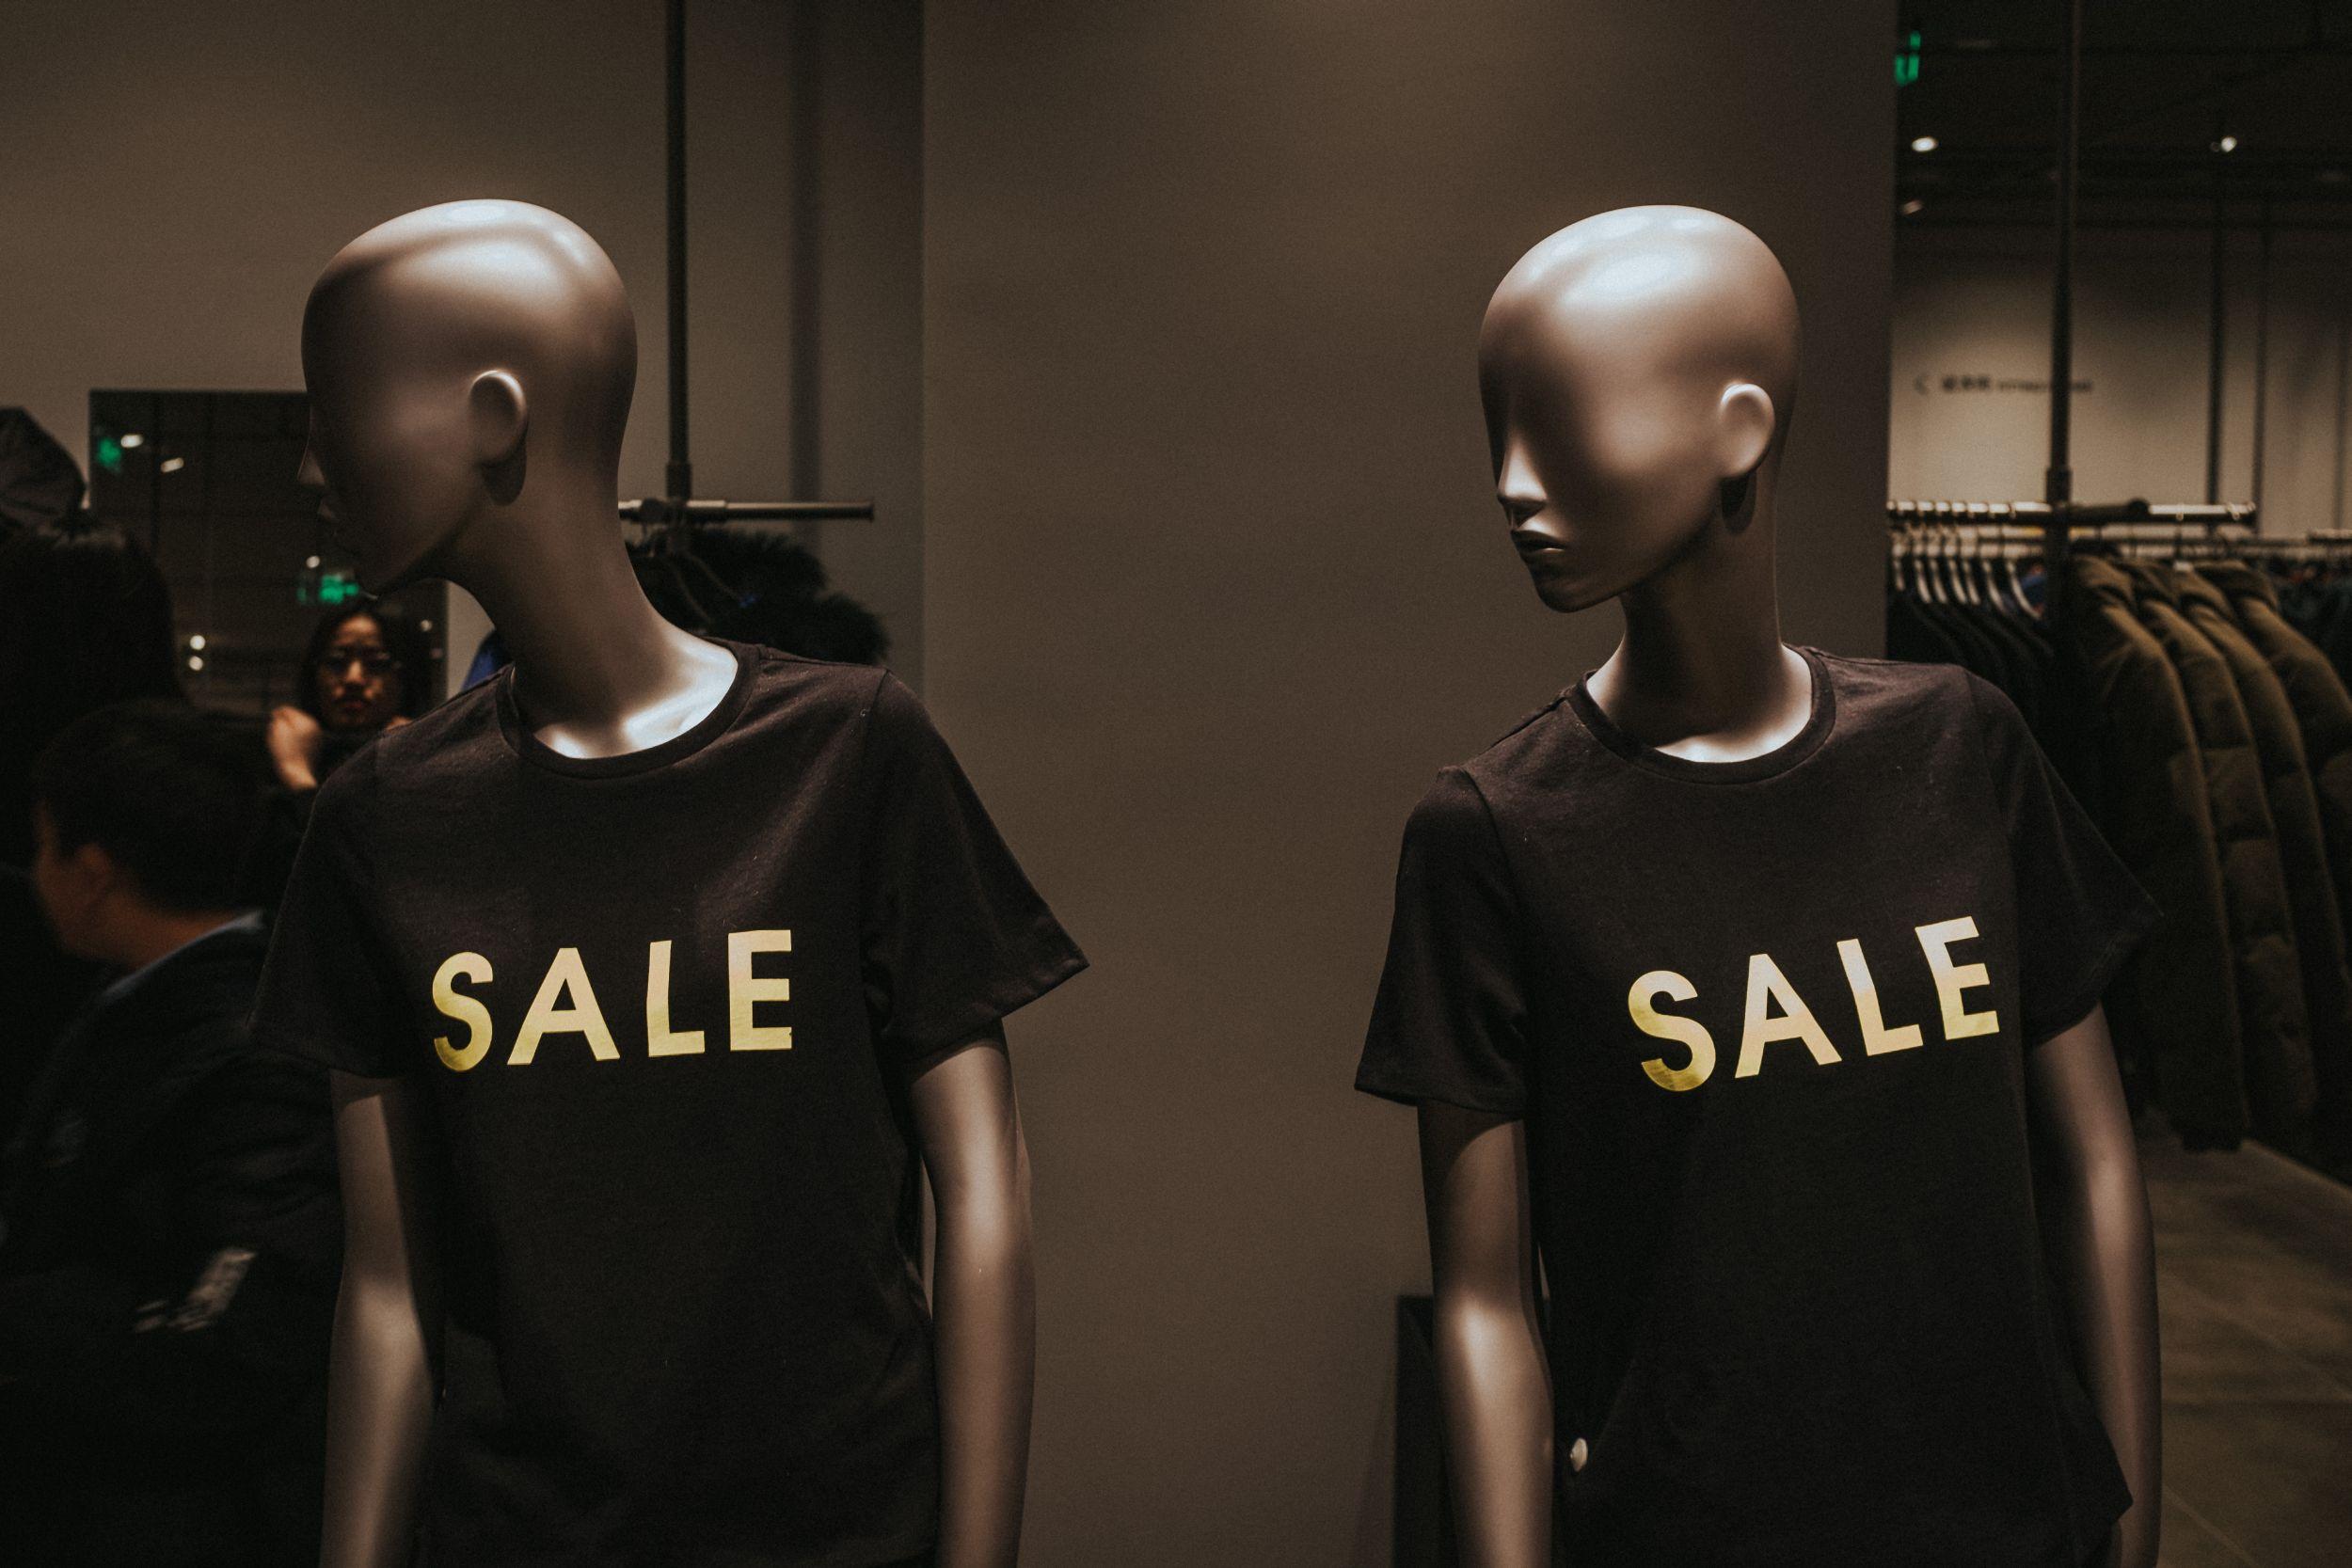 Jak można nieco zaoszczędzić podczas zakupów?